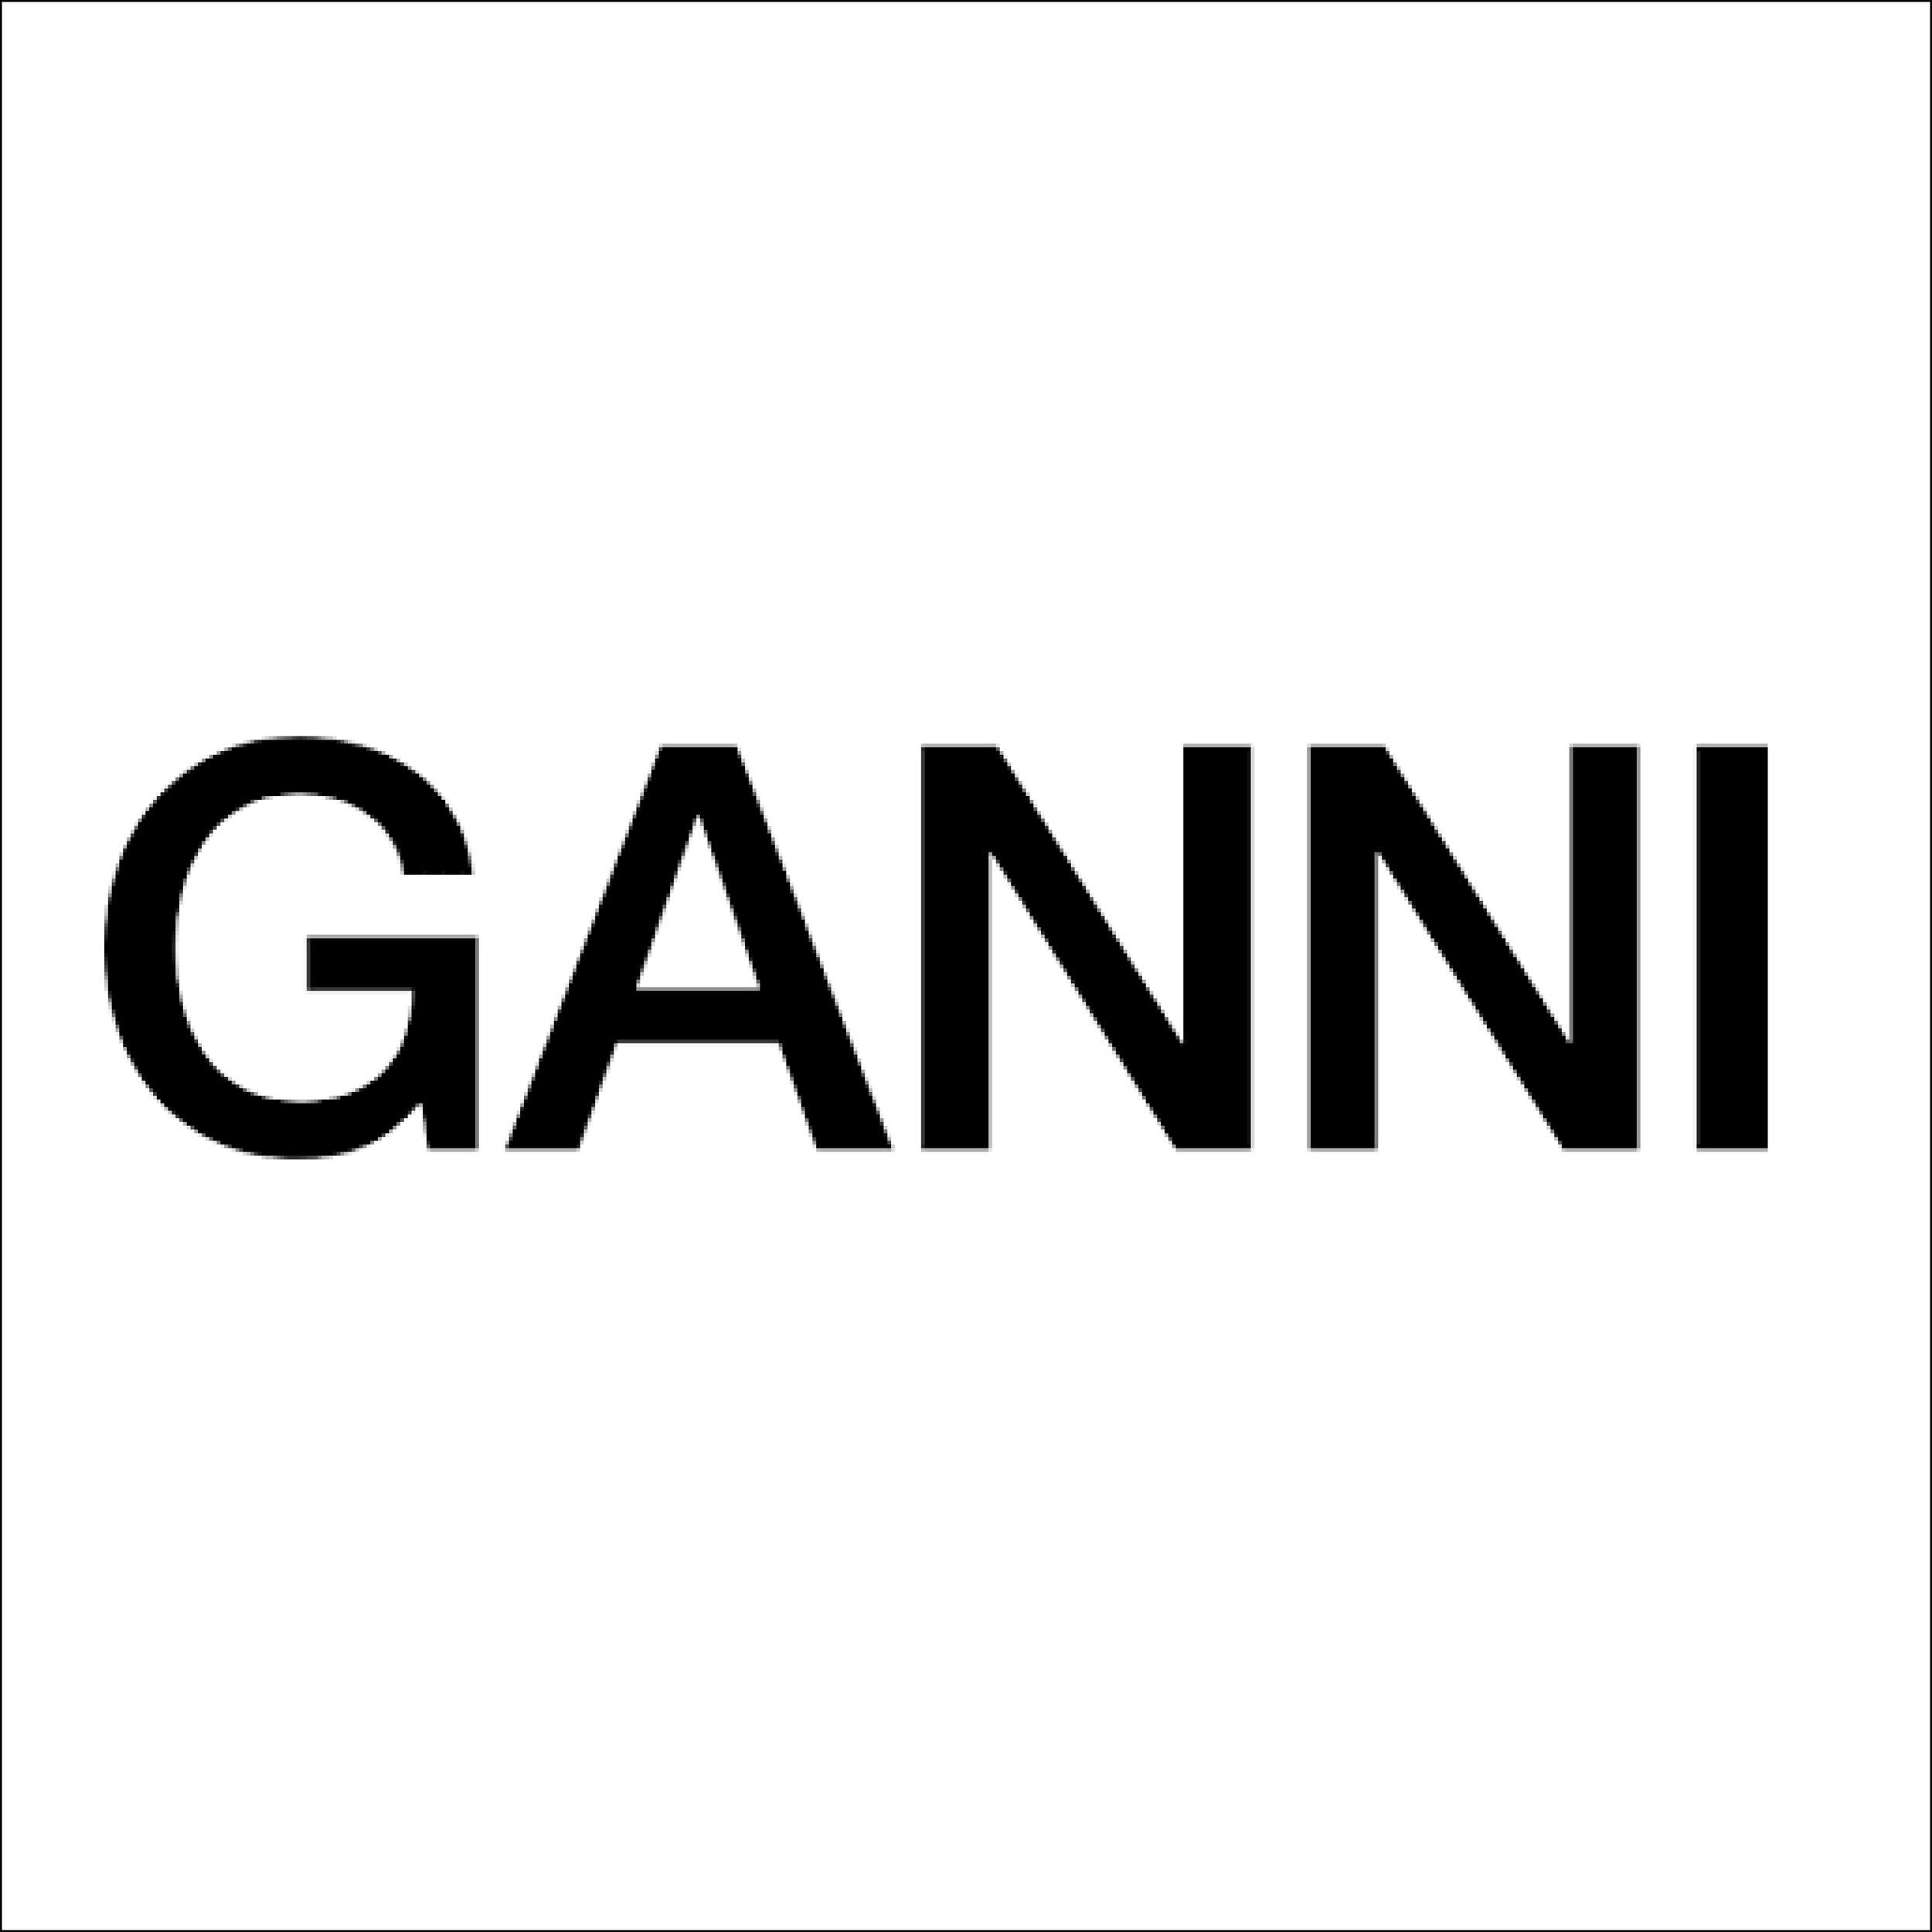 ganni2.jpg